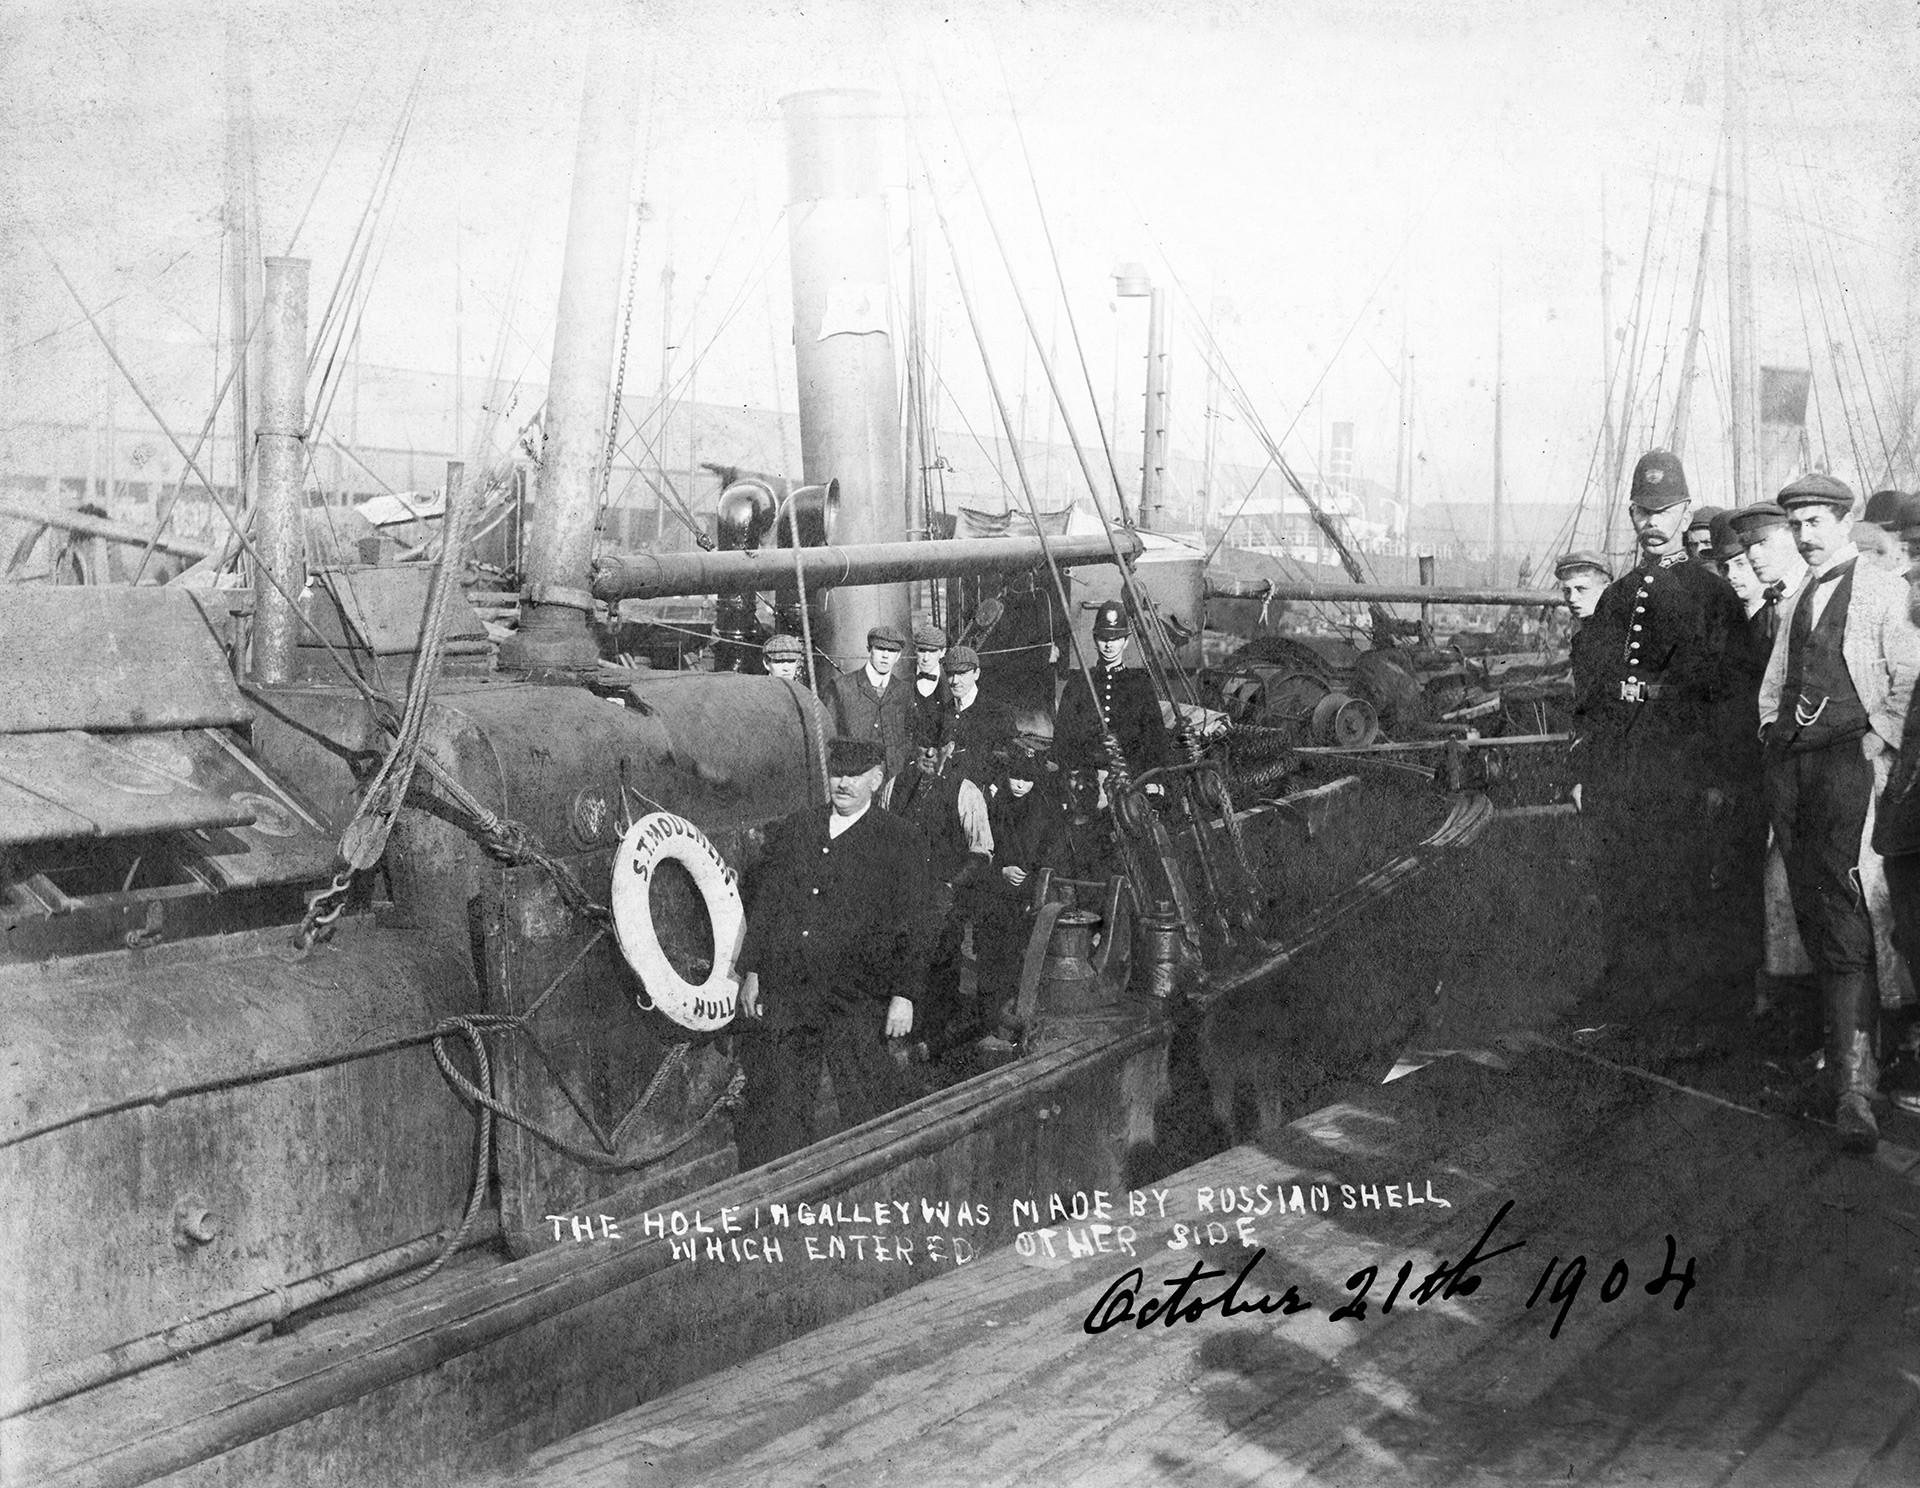 1904年10月21日。旅順口に滞在していた第一パシフィック小艦隊を補強するために極東に向かっていたロシアのバルト艦隊に攻撃されて、蒸気トロール船「聖モールメイン」に発生した穴。